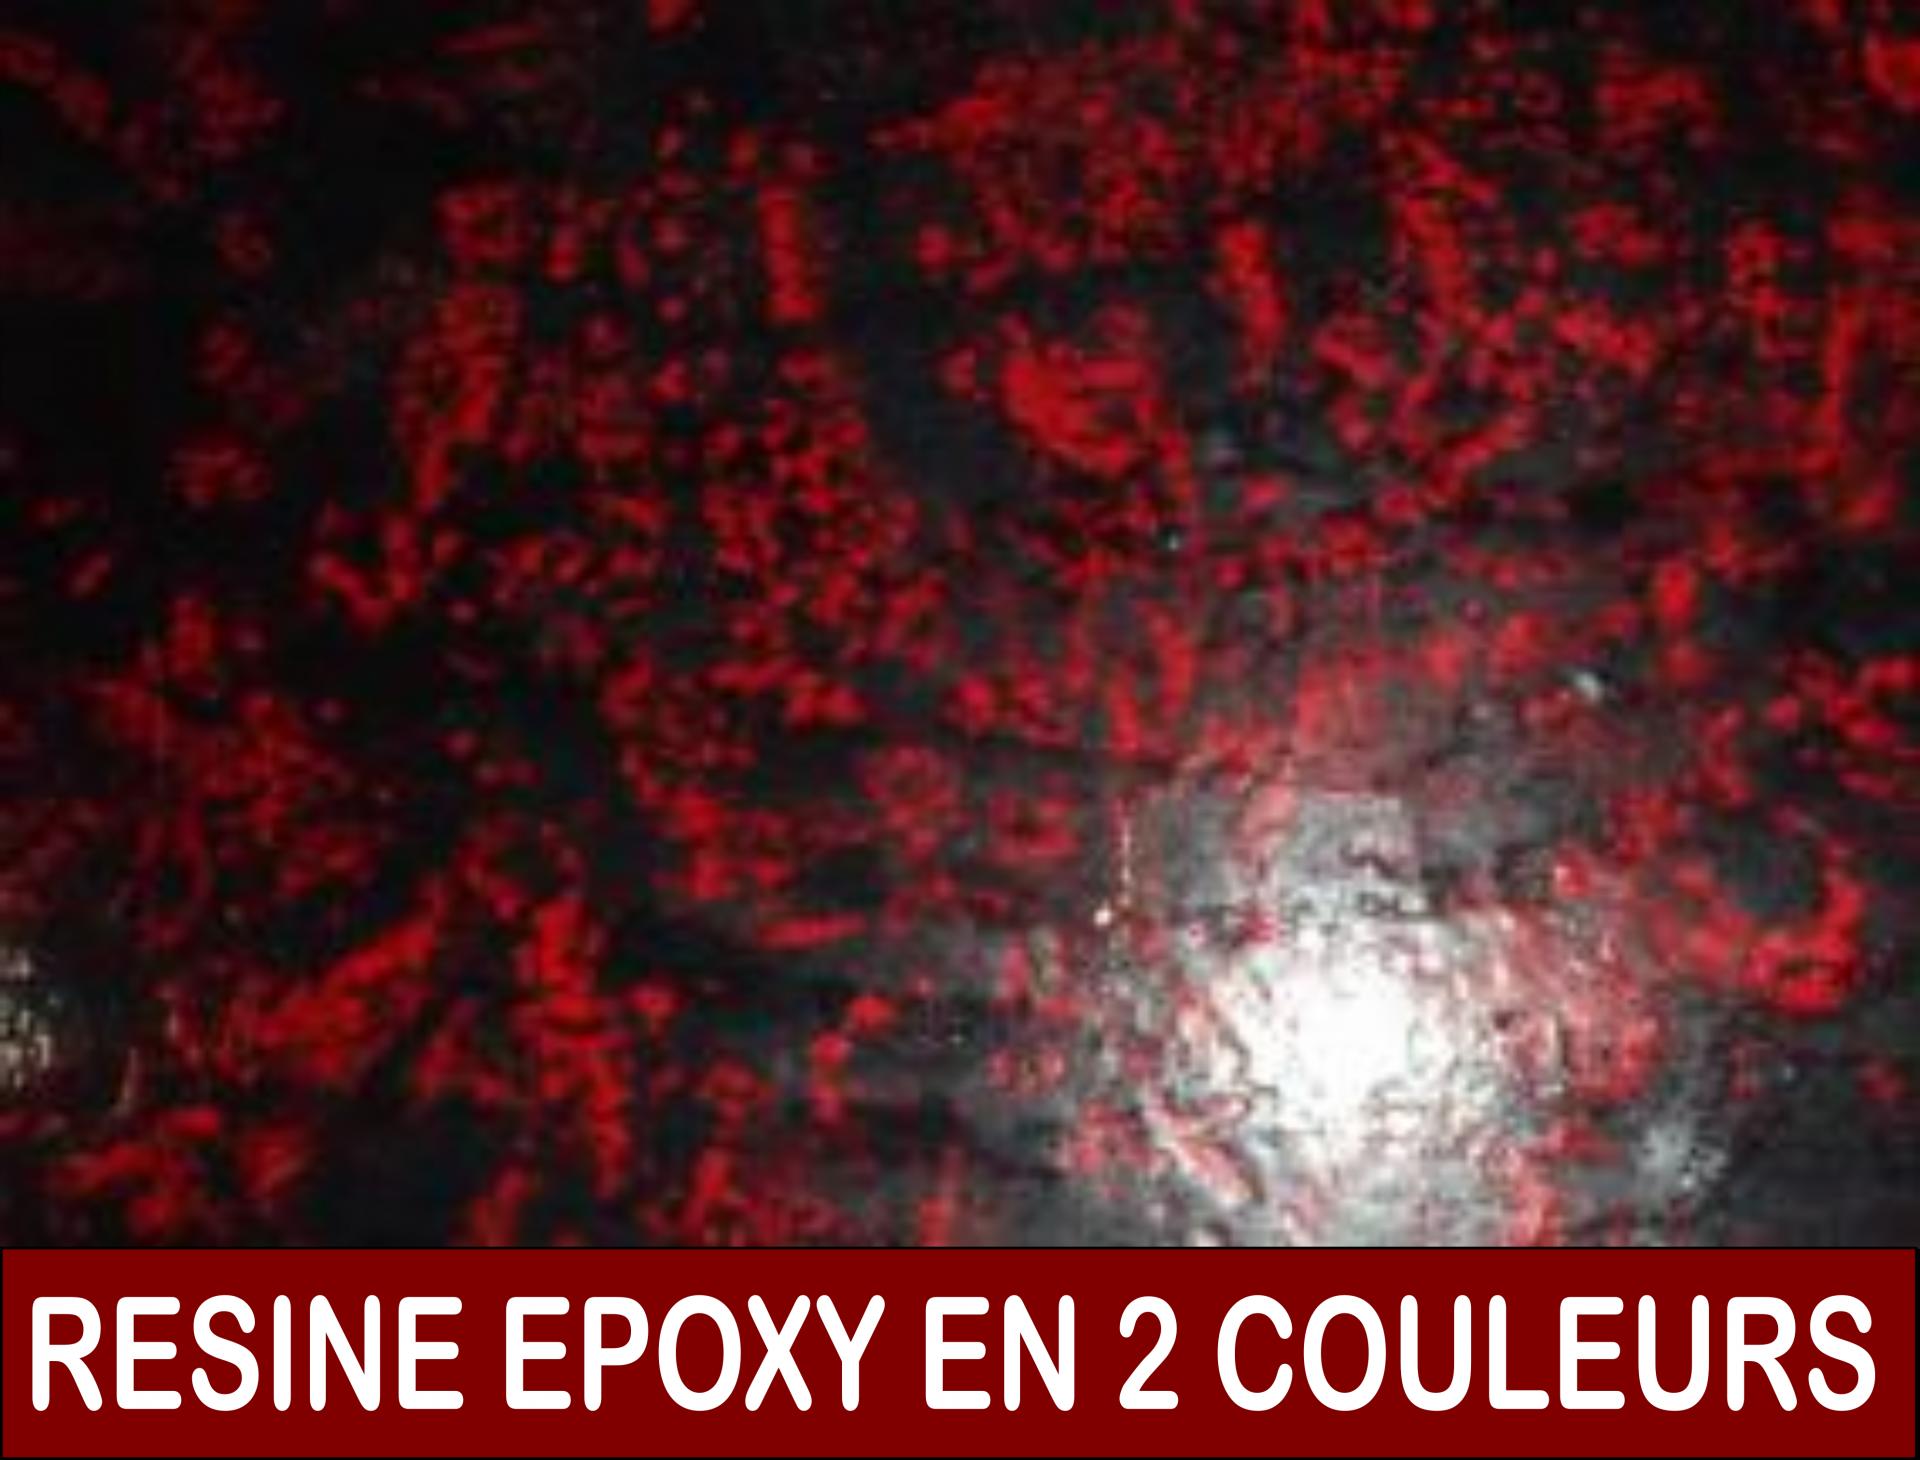 Resine epoxy 2couleurs site2